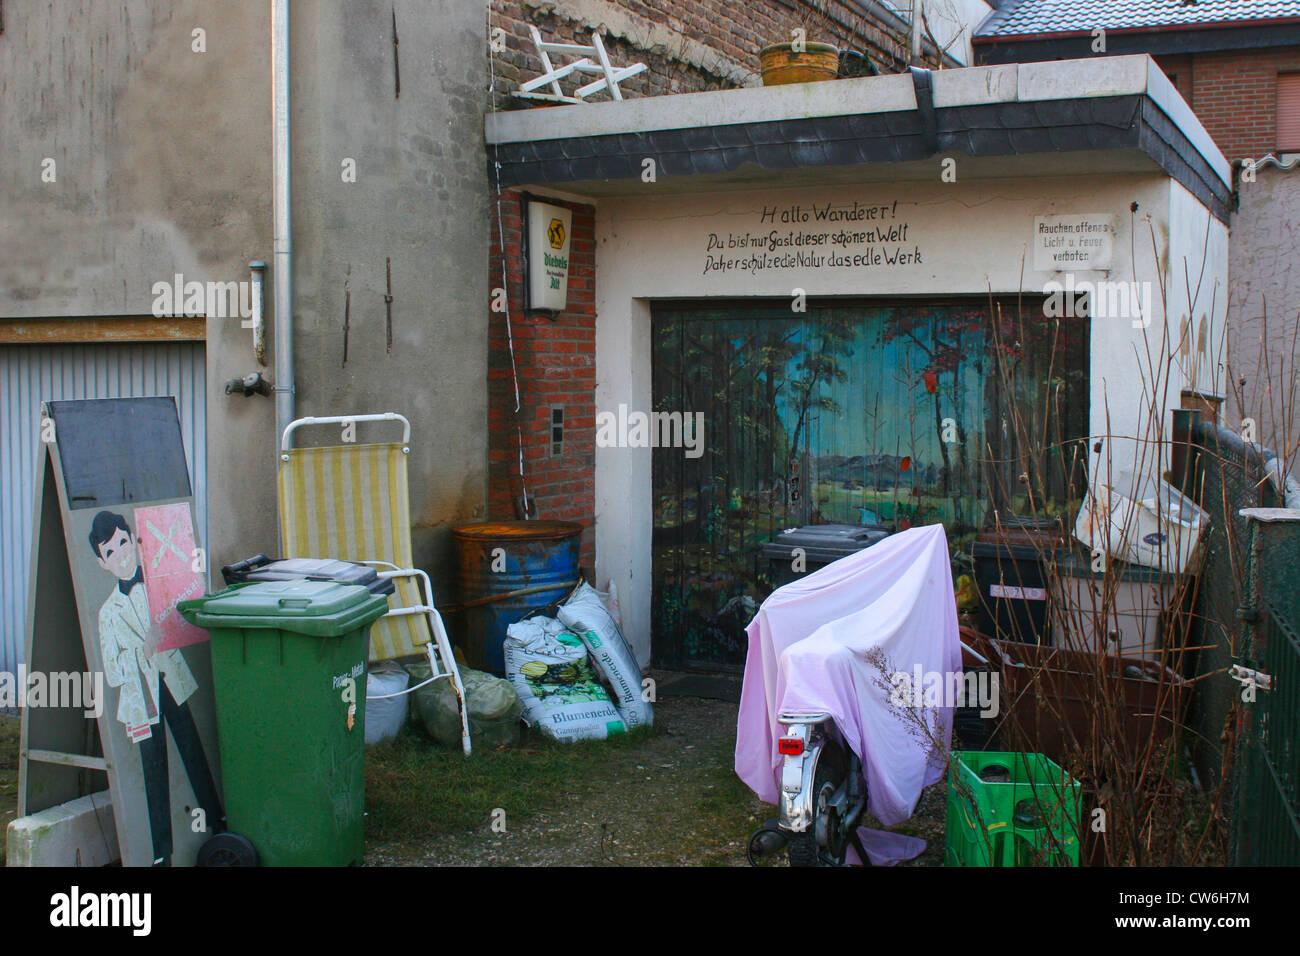 painting on a garage with writing: Hallo Wanderer! Du bist nur Gast dieser schoenen Welt. Daher schuetze die  Natur, - Stock Image